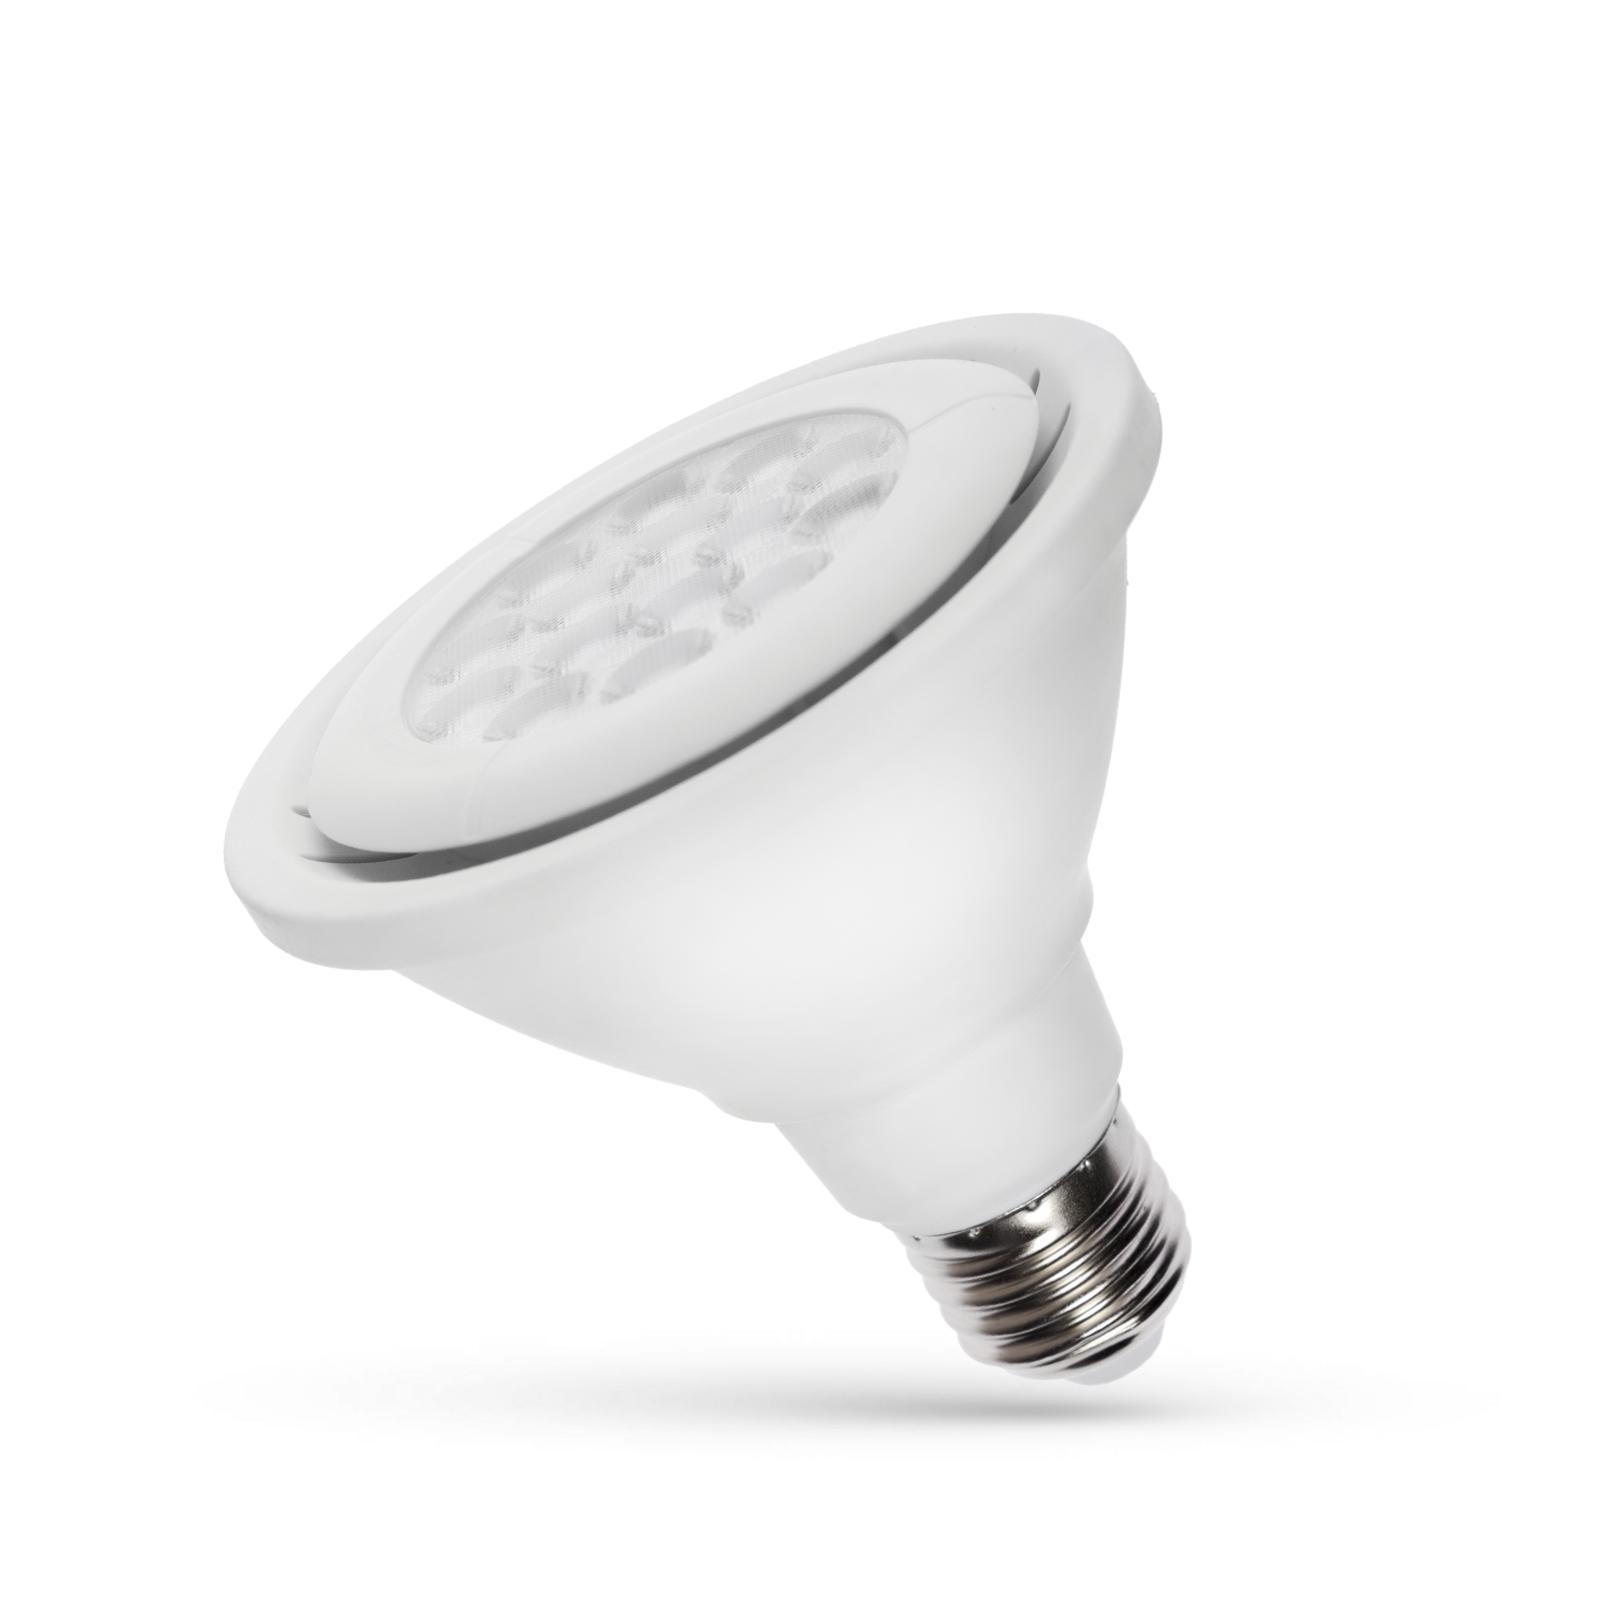 LED PAR30 E27 230V 11W  WW SPECTRUM